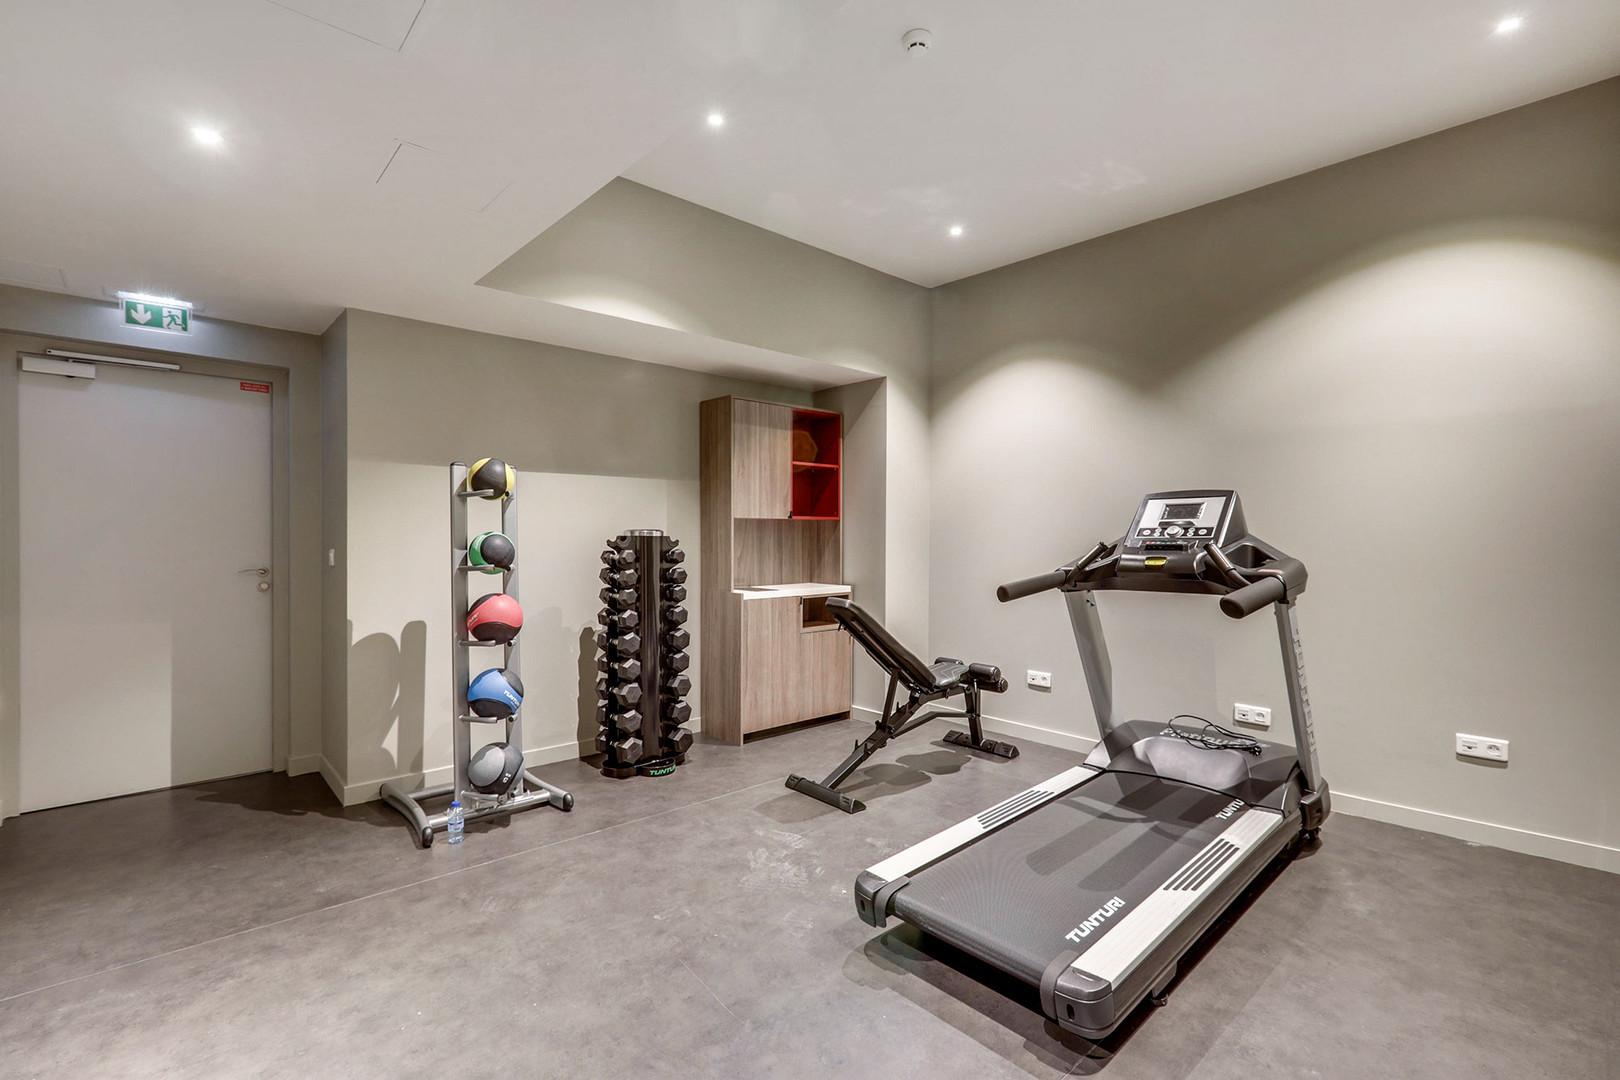 Interior-Gym-0C1A9061.jpg